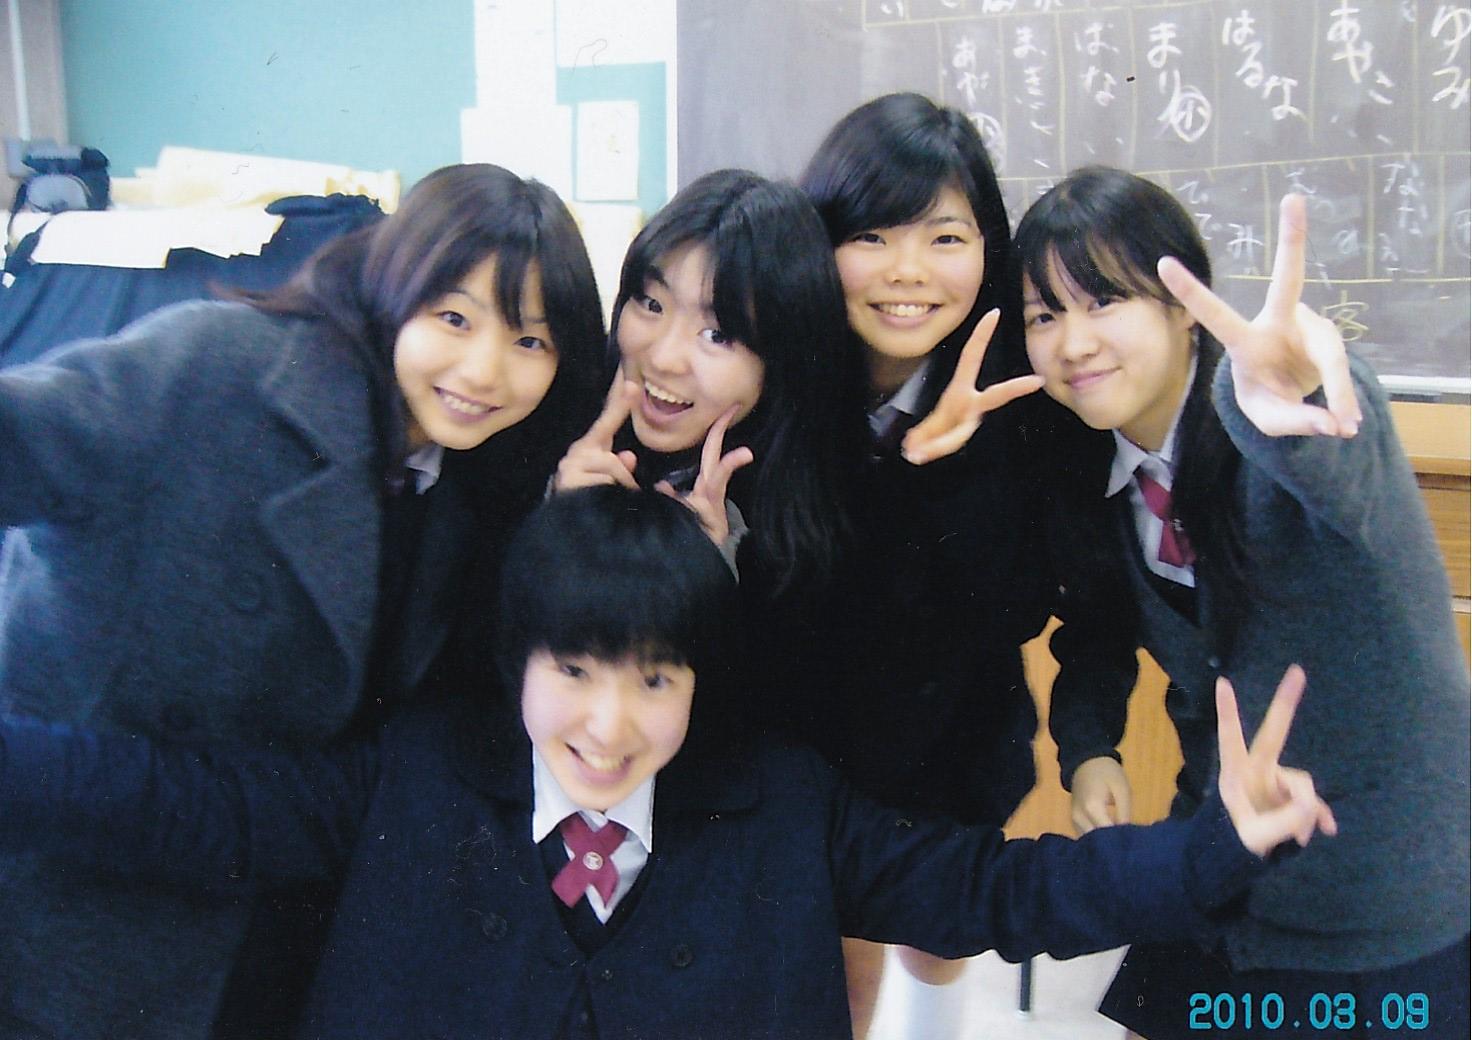 日本の高校にて、右から2番目が新居さん